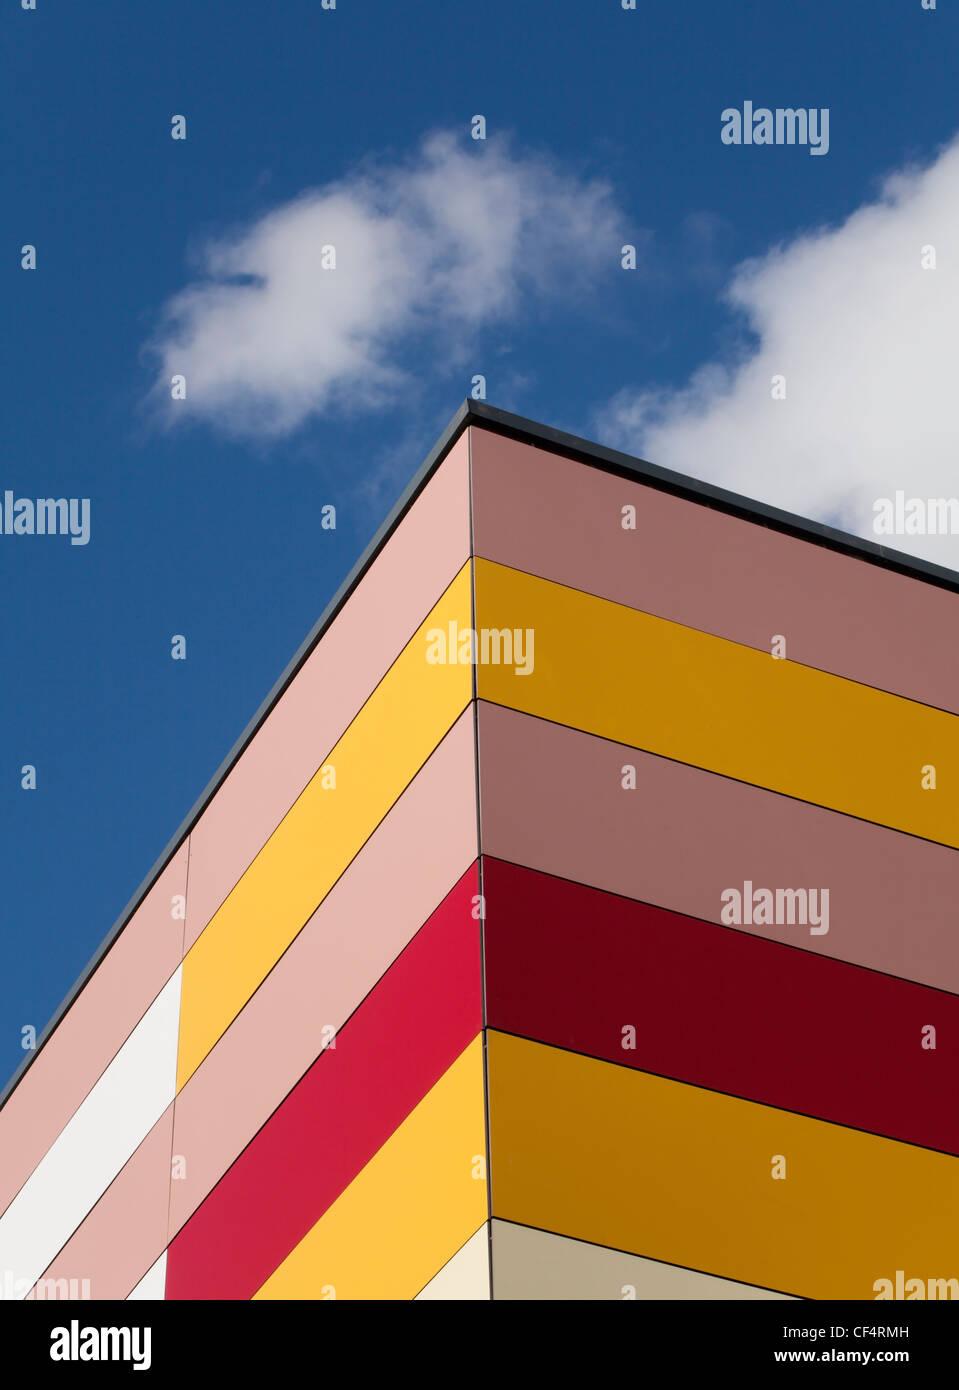 Extérieur d'un bâtiment coloré au Durham Johnston l'école. Photo Stock